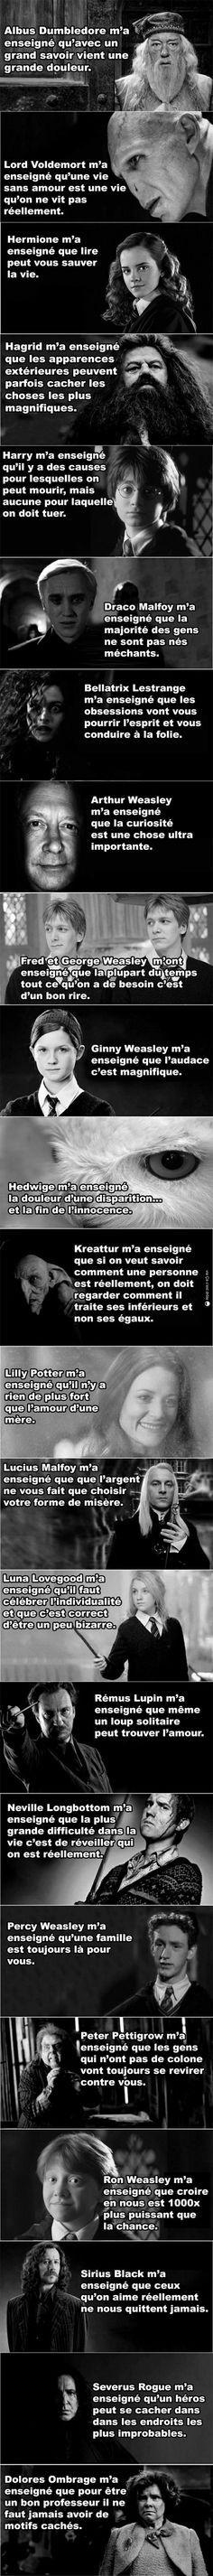 Ideas for memes funny life harry potter Harry Potter Film, Harry Potter Anime, Harry Potter Universal, Harry Potter World, Always Harry Potter, Jarry Potter, Quebec, Rage, Bagdad